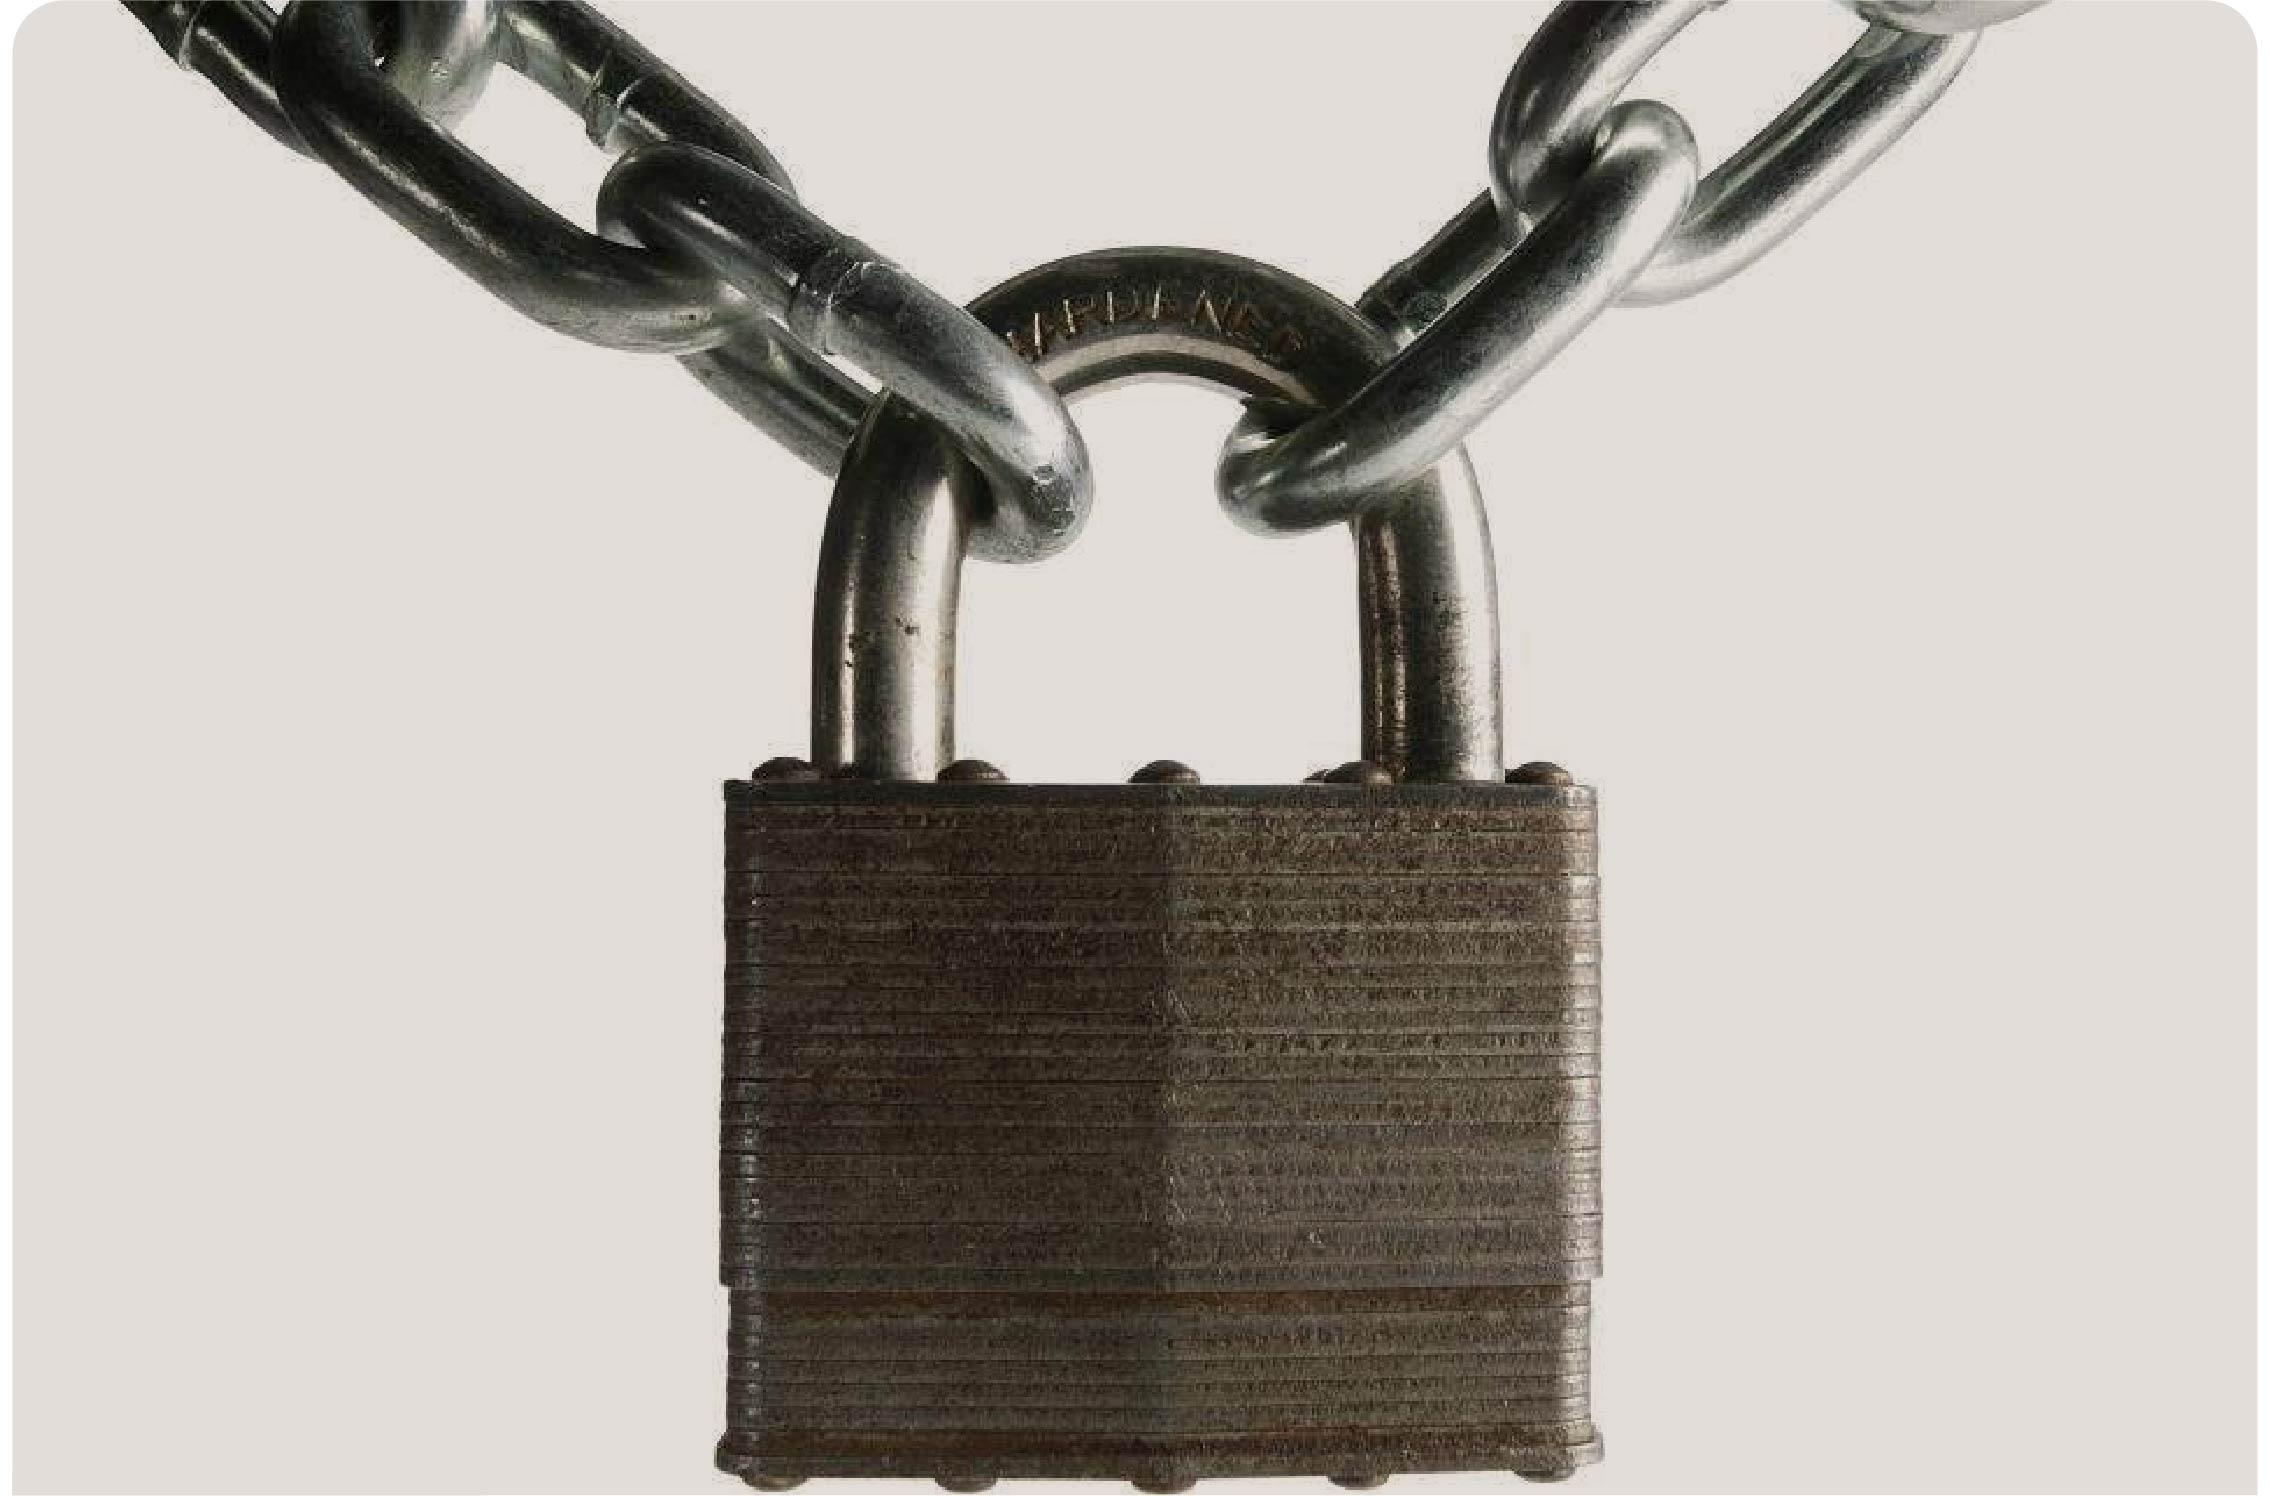 高档五金锁具未来发展趋势 提升品牌